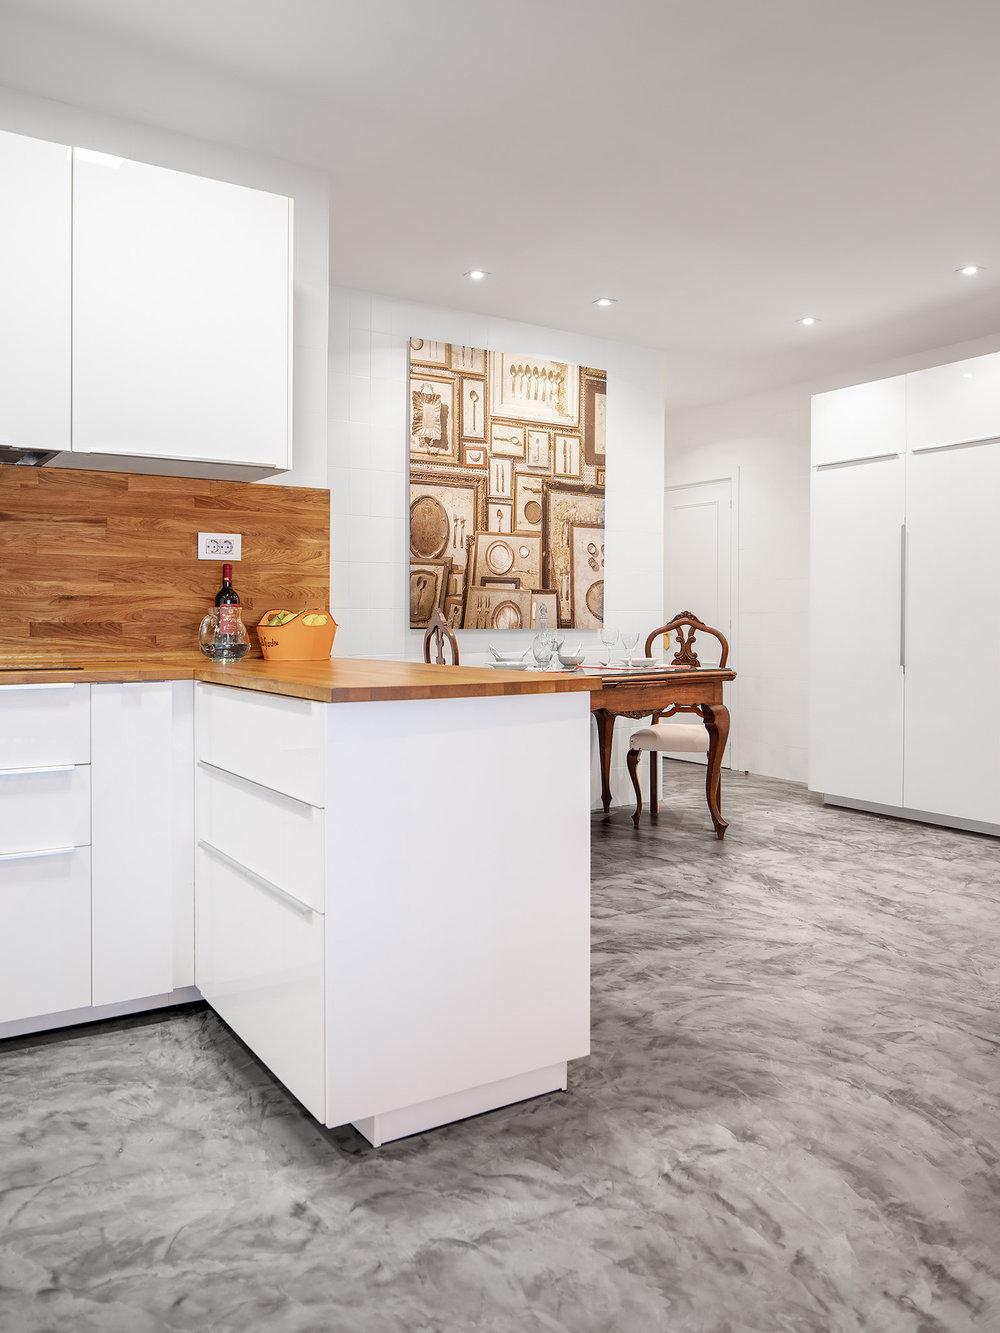 Zona de comedor integrado en la cocina en Proyecto de interioris